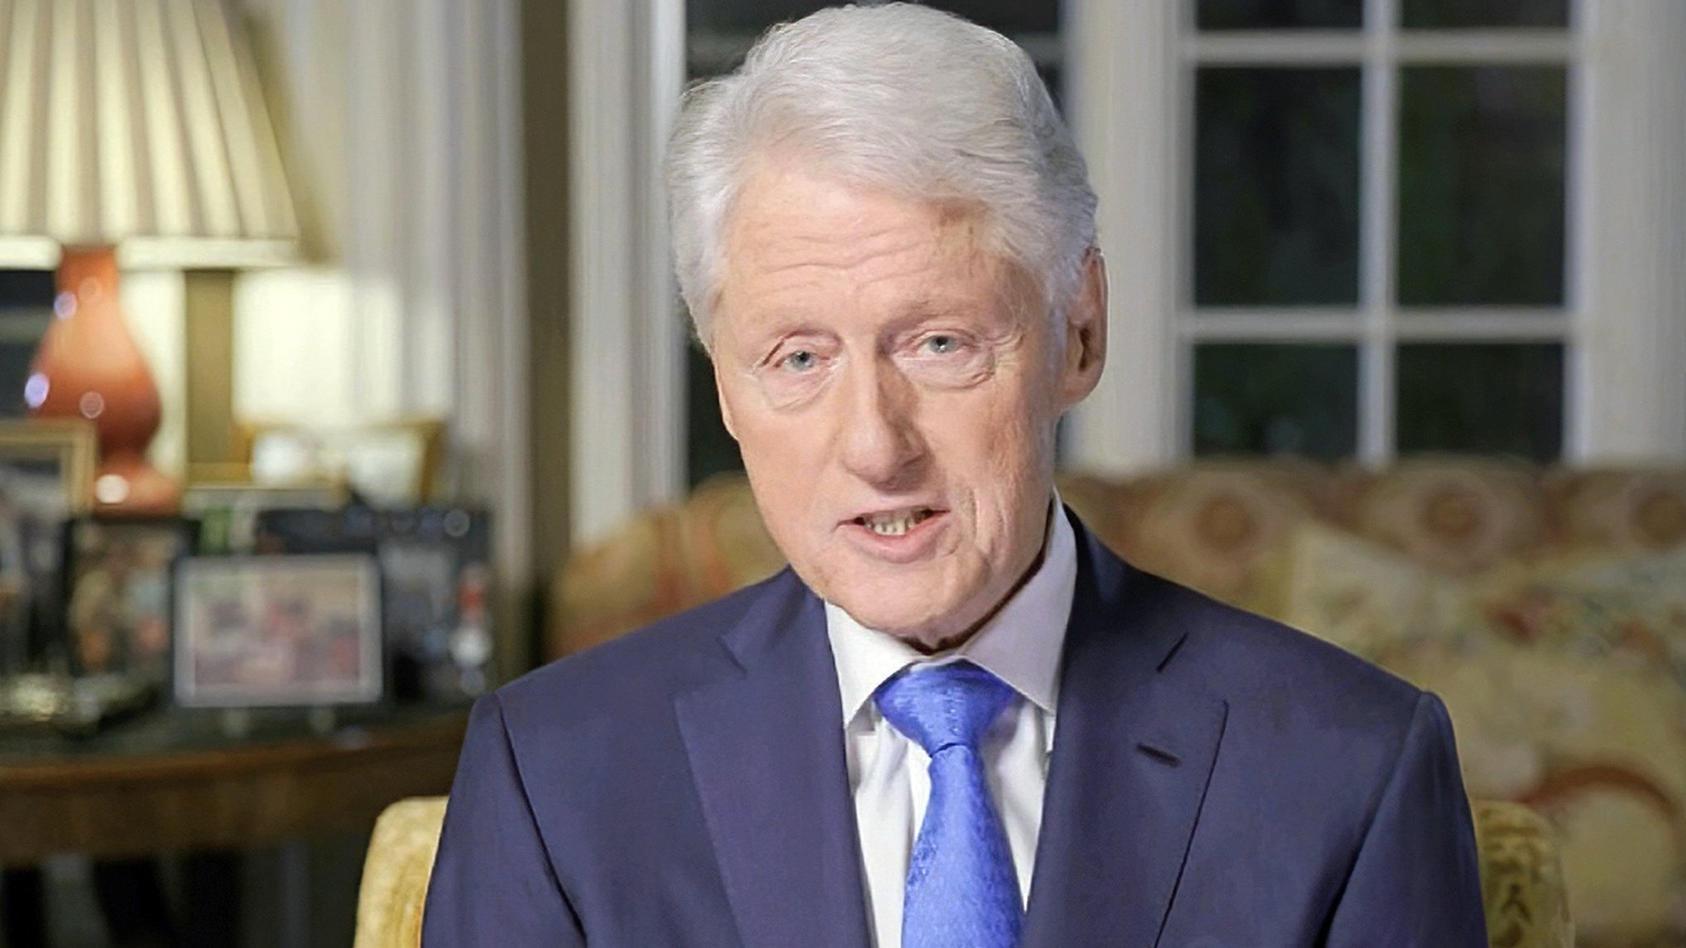 bill-clinton-meldet-sich-nach-seinem-krankenhausaufenthalt-zuruck